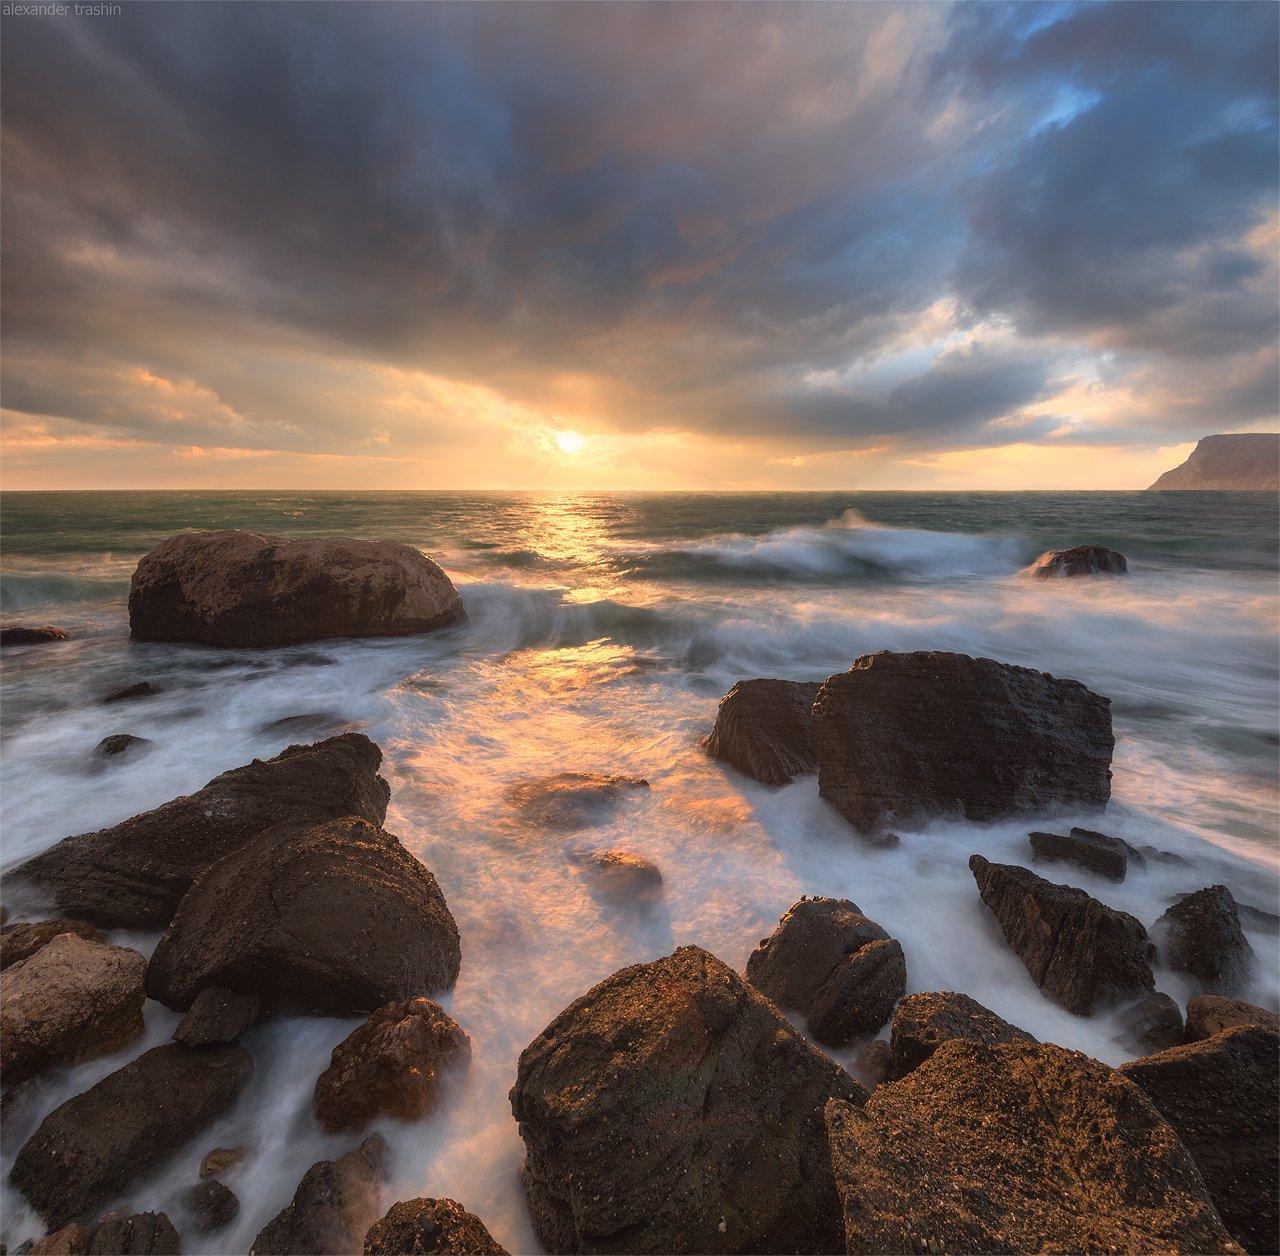 балаклава, шторм, пейзаж, морской пейзаж, Александр Трашин